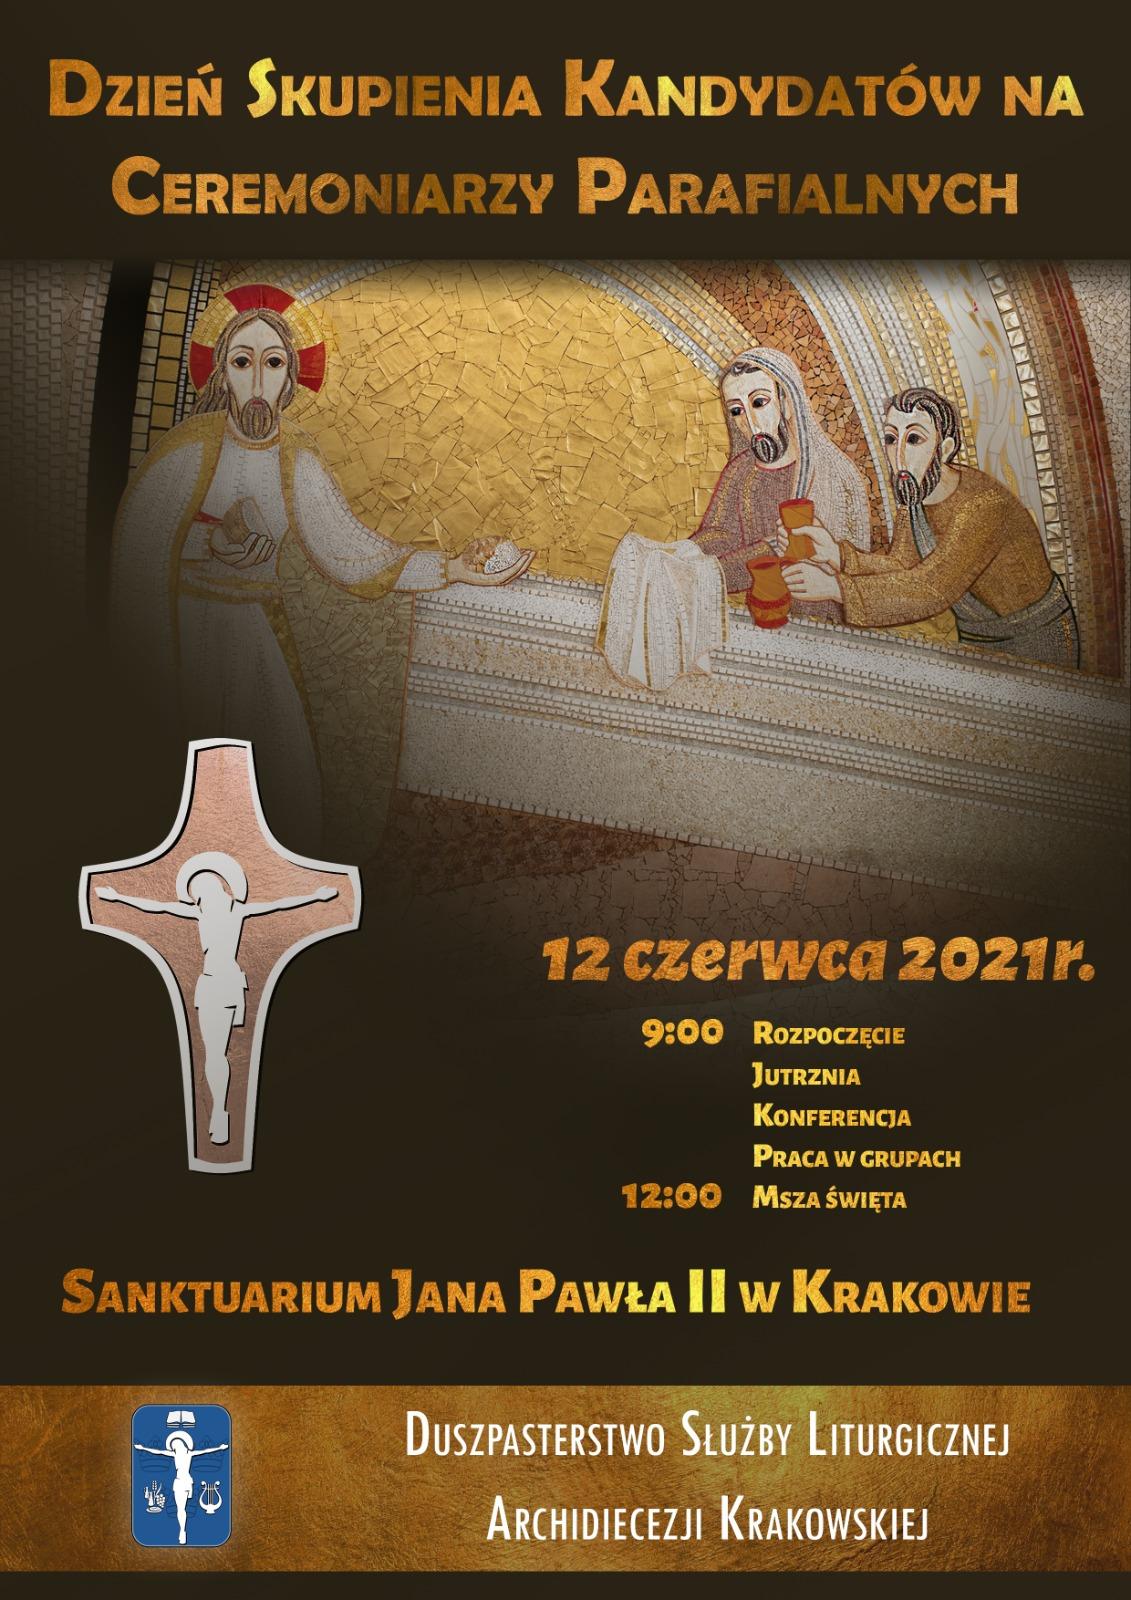 Dzień Skupienia Kandydatów na Ceremoniarzy Parafialnych